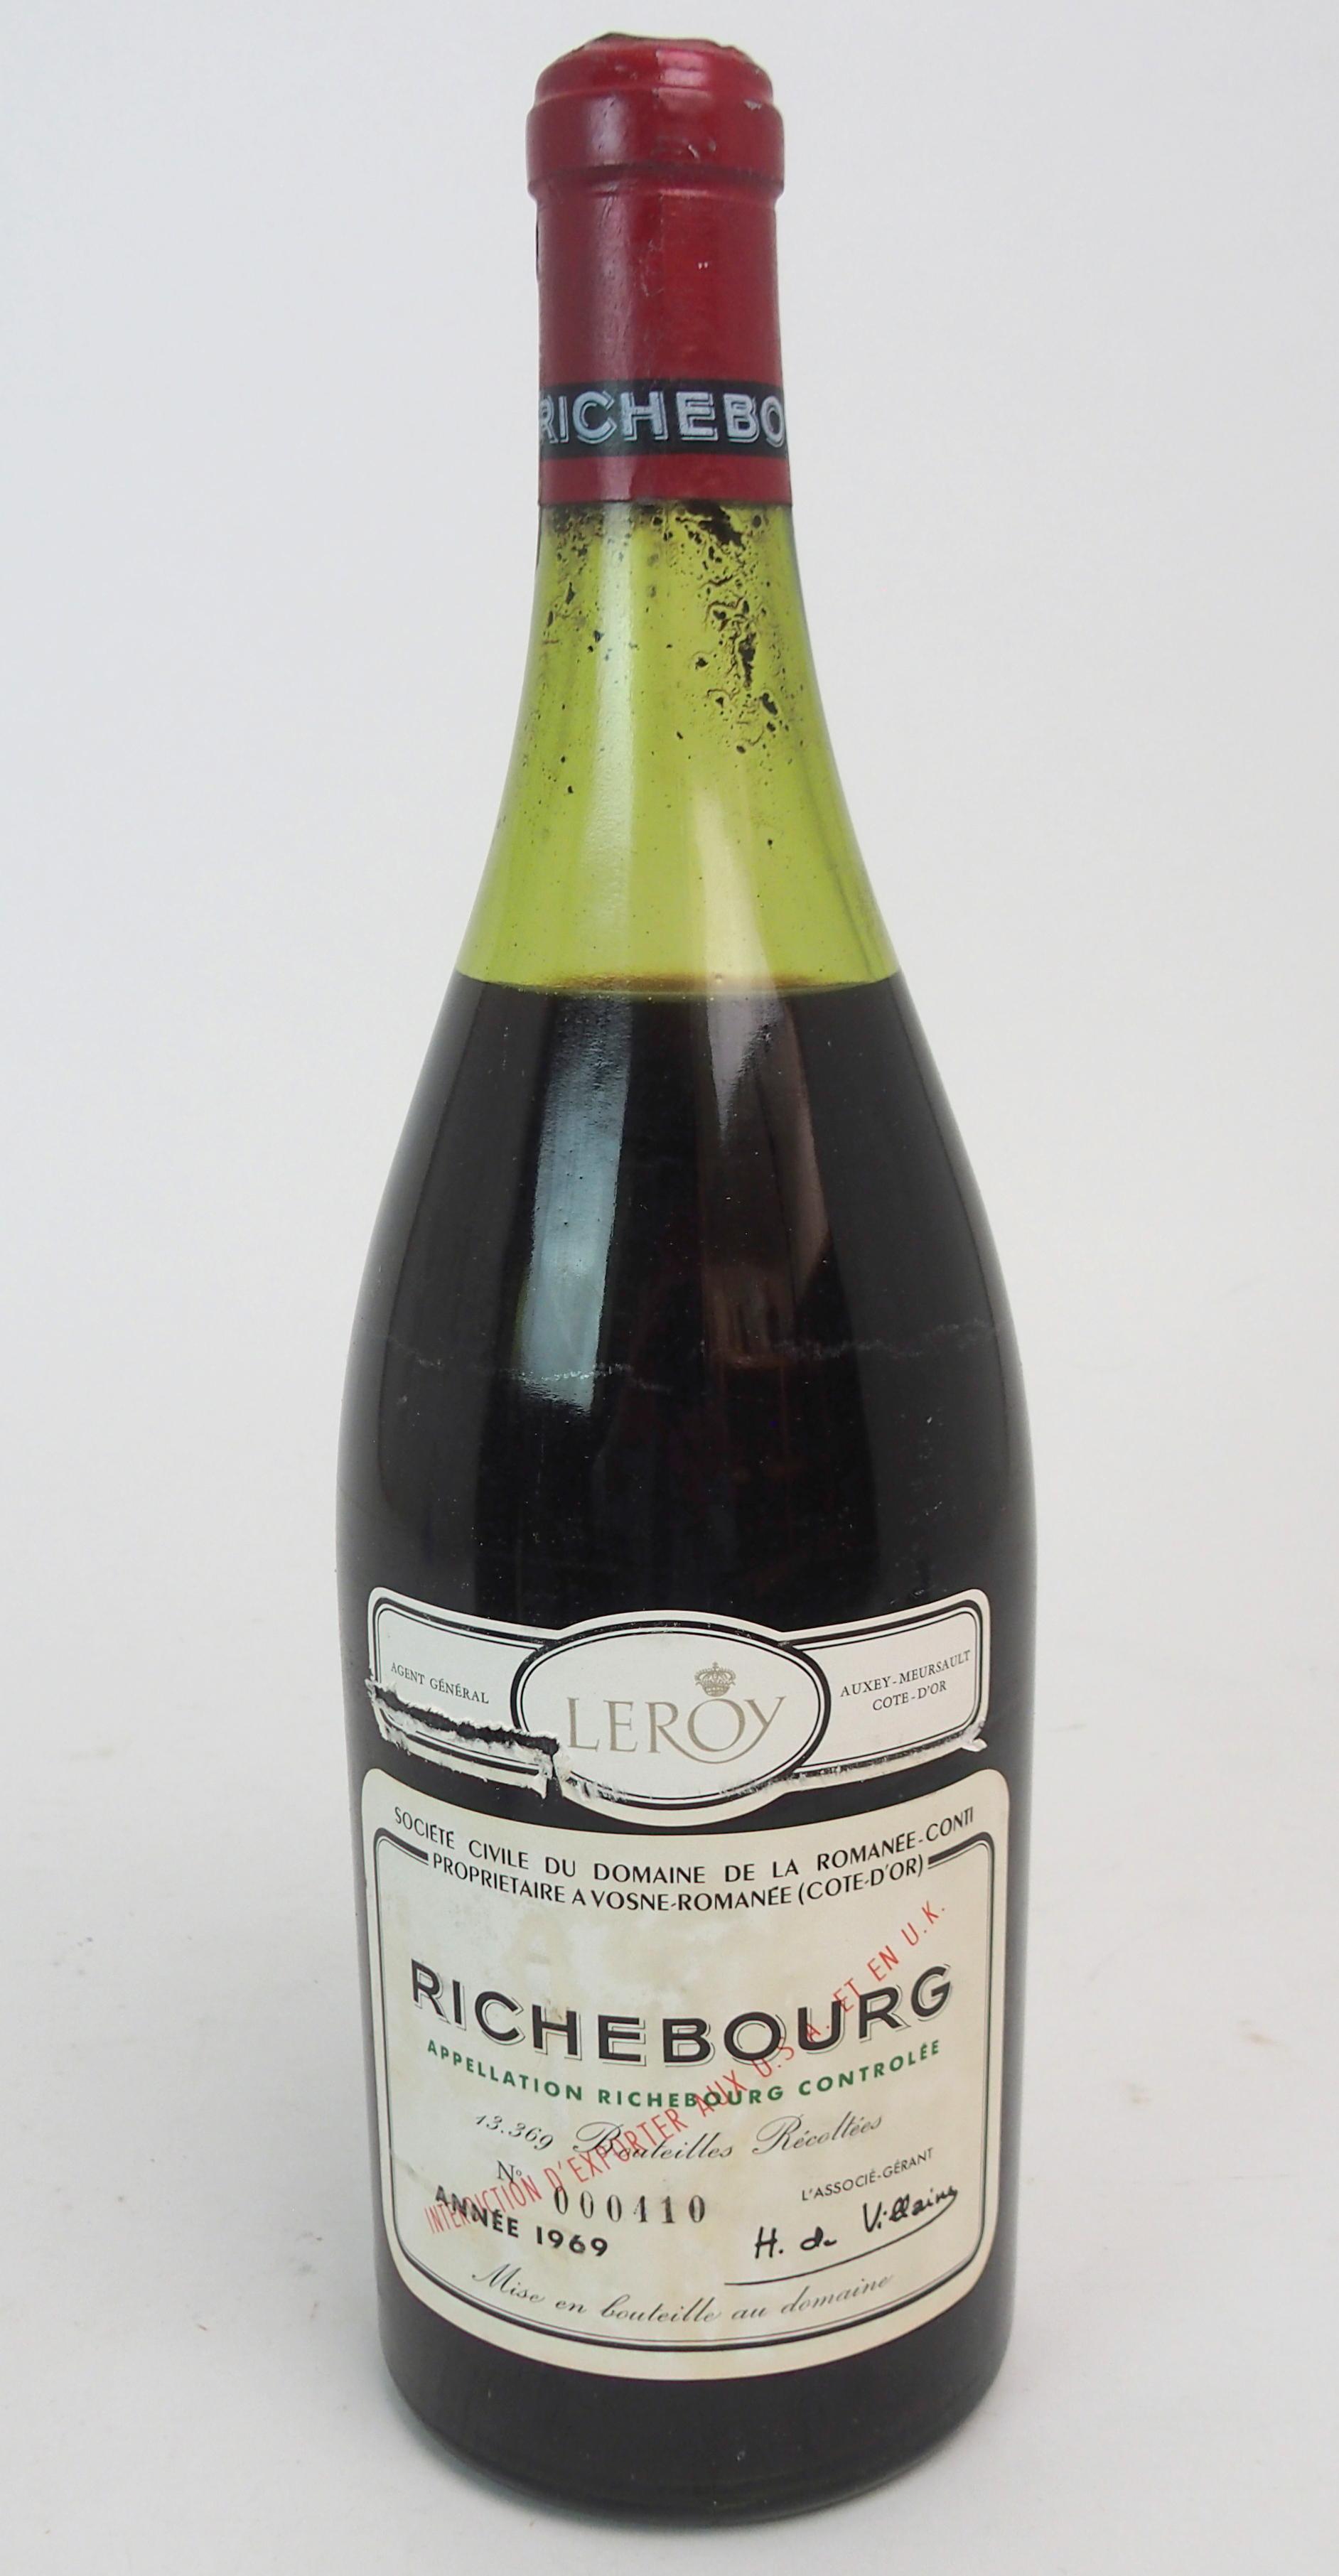 A MAGNUM OF RICHBOURG DOMAINE DE LA ROMANEE-CONTI Bottle No.000410, 1969 Condition Report: Available